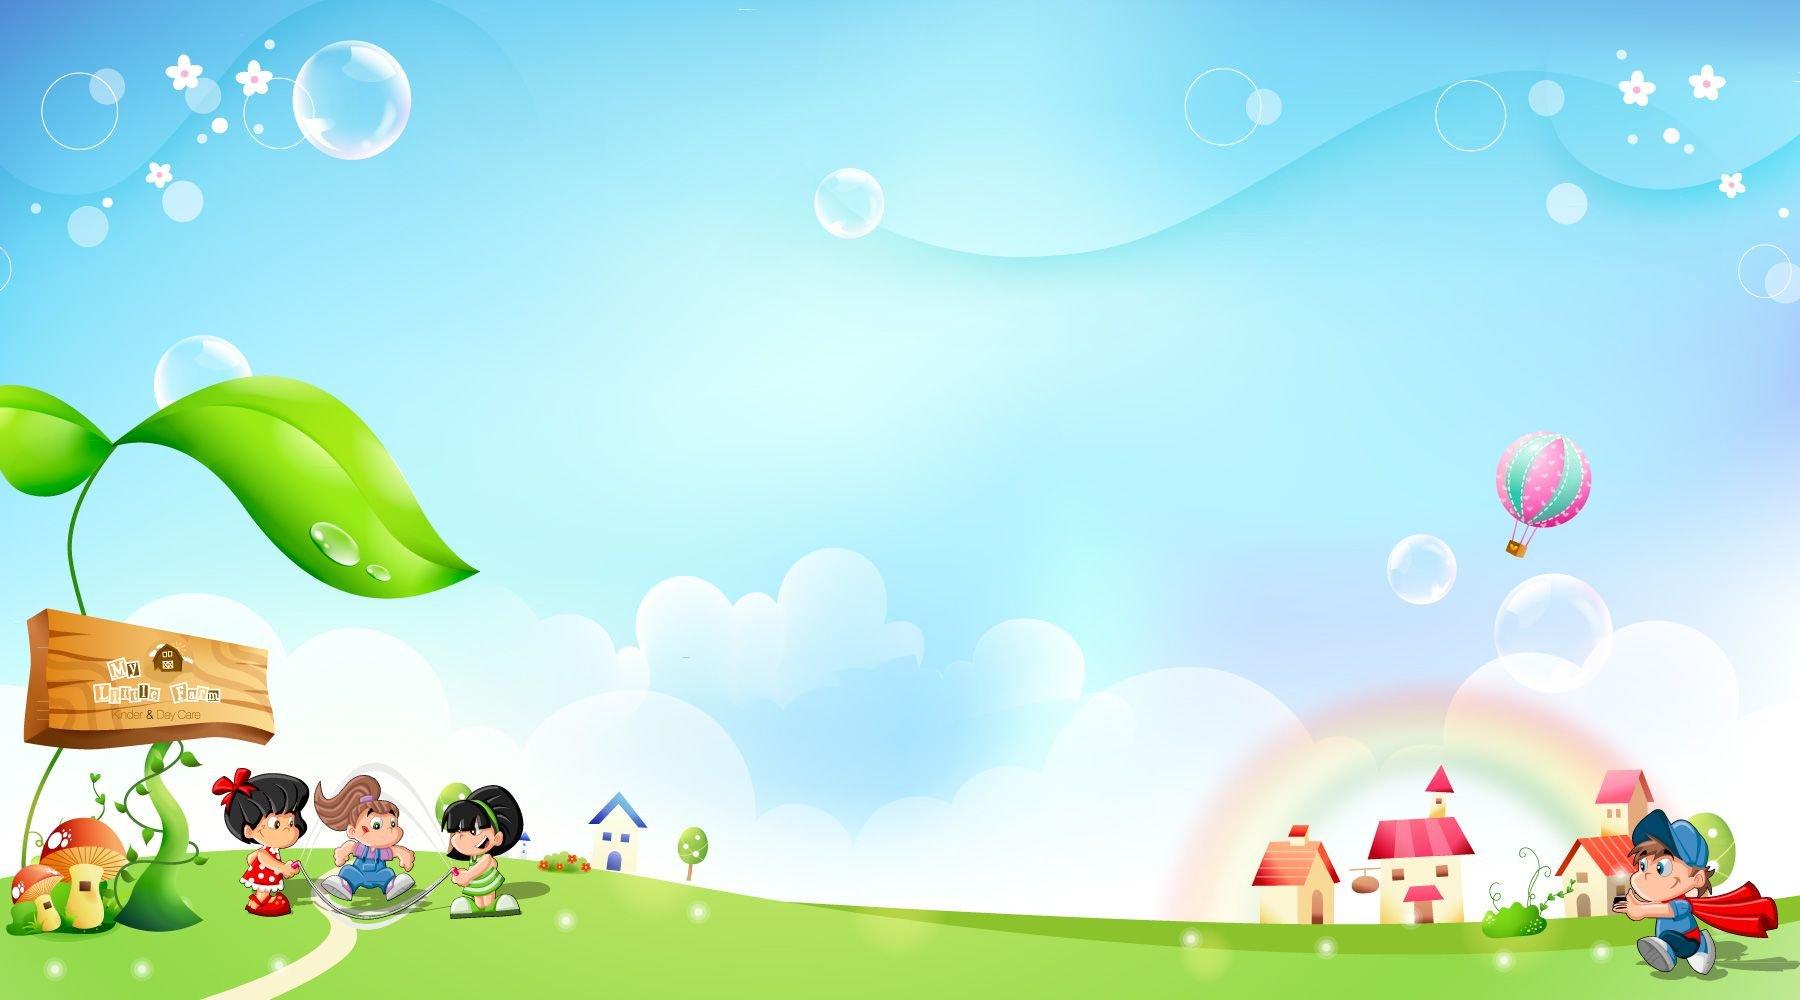 Картинка для заставки детский сад